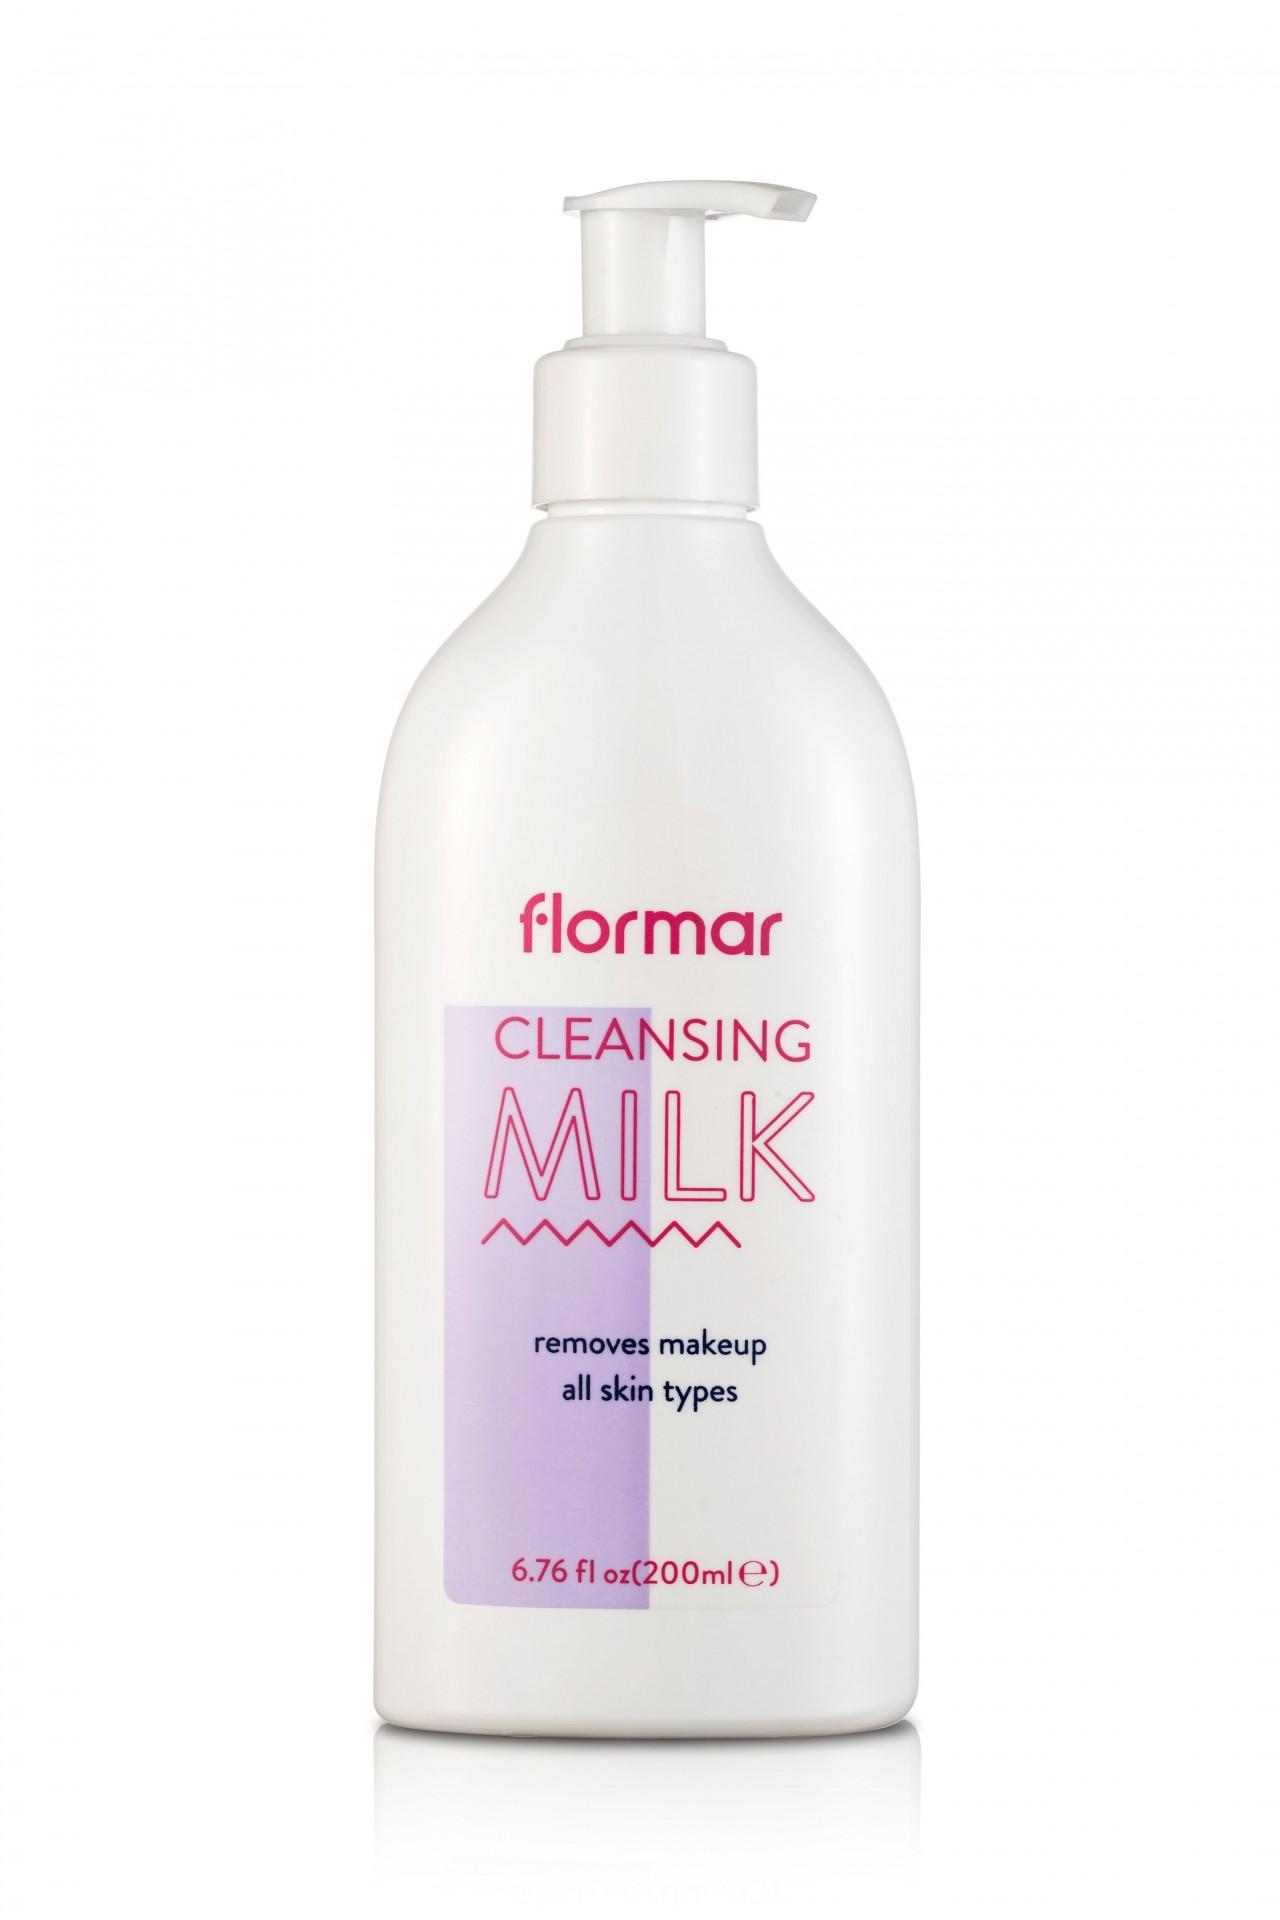 FLORMAR - CLEANSING MILK